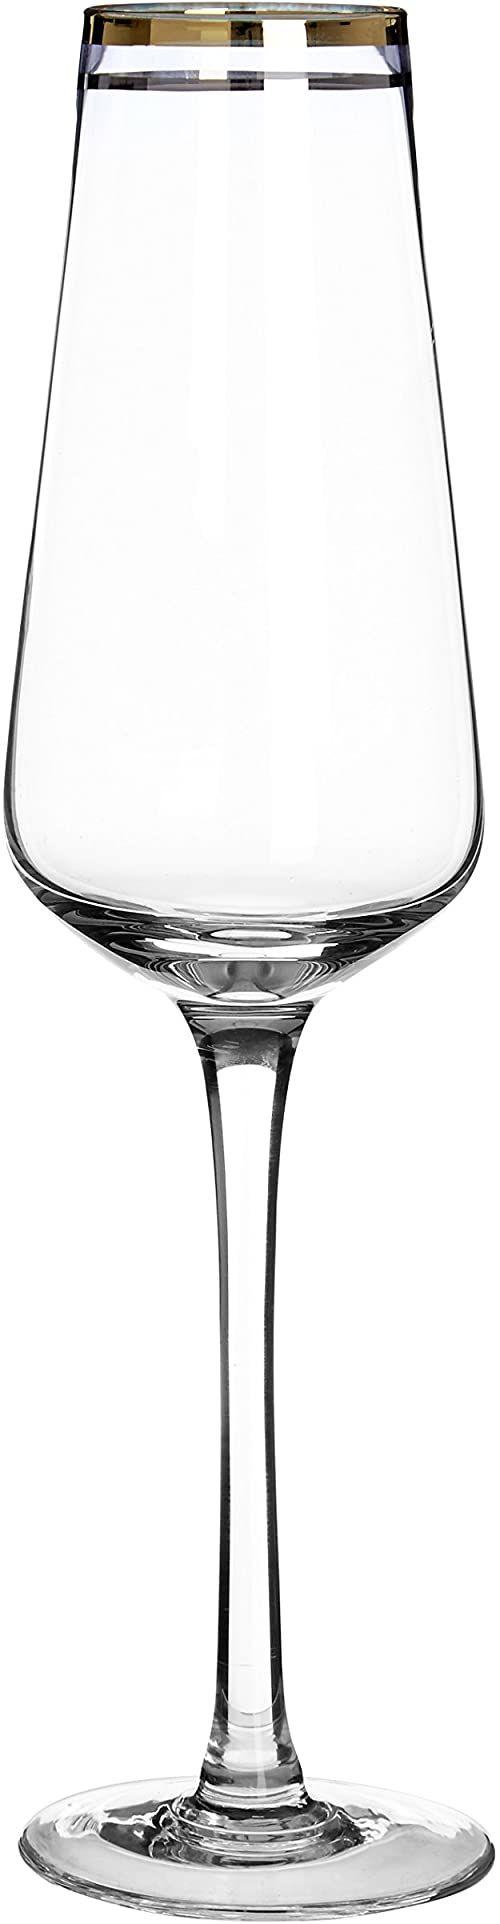 Premier Housewares Szkło koktajlowe eleganckie szkło przezroczyste szkło rumowe złoto marargarita zestaw 4 kieliszków do picia, szklanki do martini 25 x 7 x 7 cm